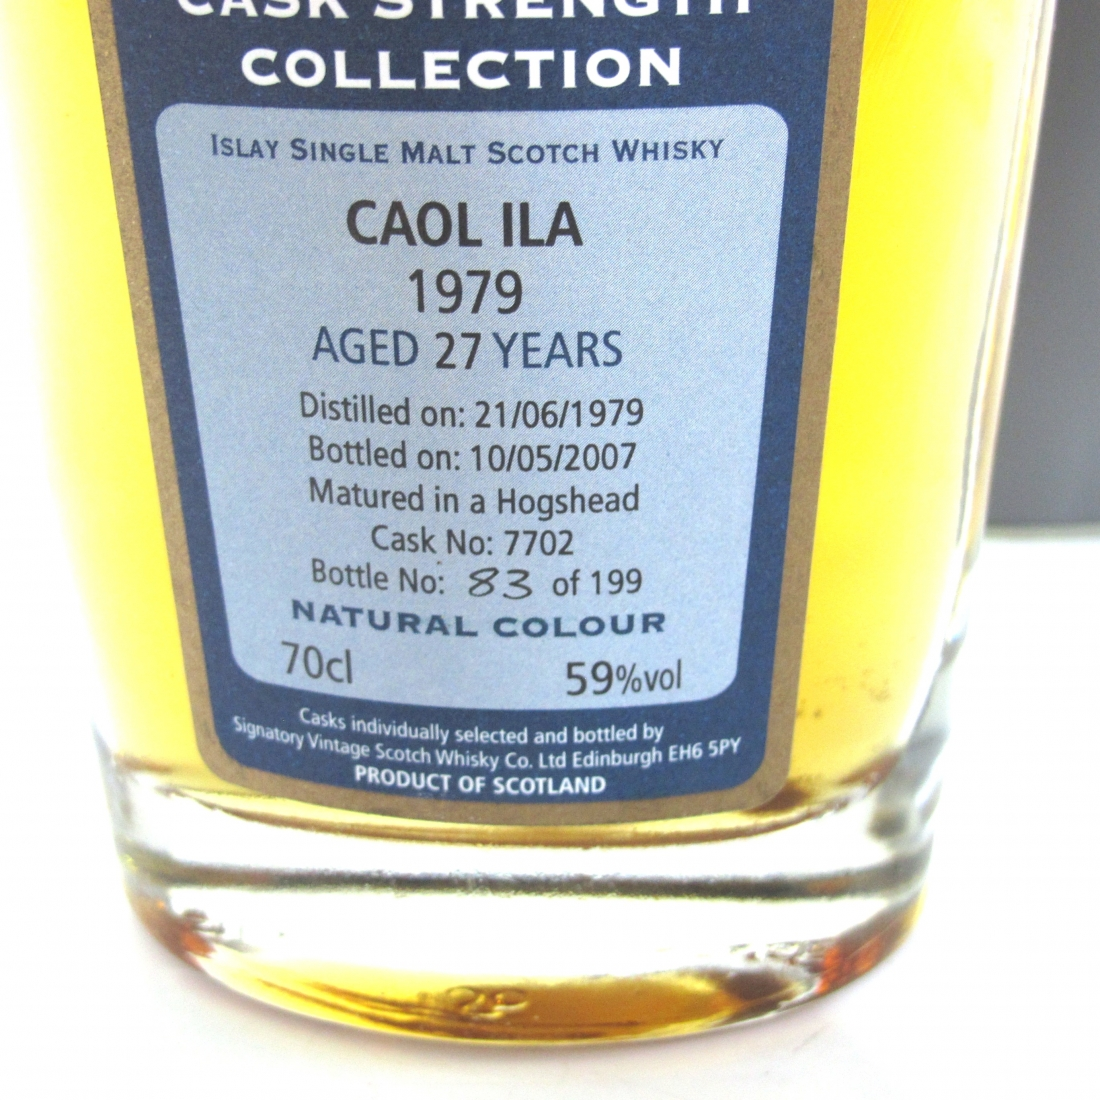 Caol Ila 1979 Signatory Vintage 27 Year Old